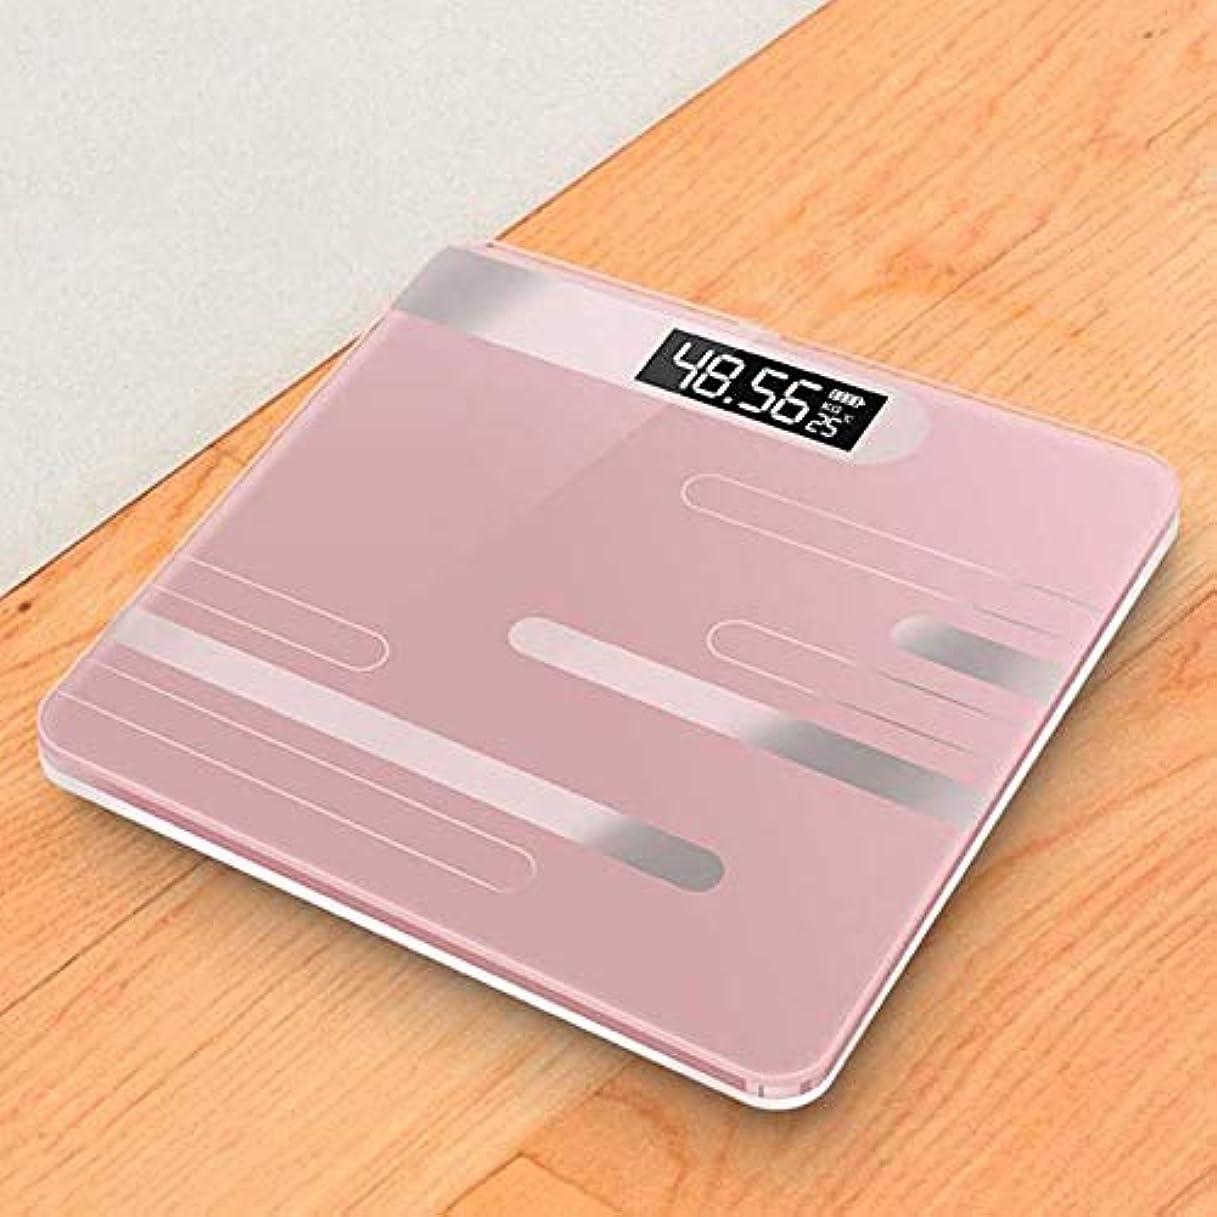 ボット調停者受信機ガラススマート電子スケールデジタル体重バランス肥満LCDディスプレイ家庭用USB充電180KG / 50G(10.2×10.2×0.9インチ) WJuian (Color : Rose gold-A)